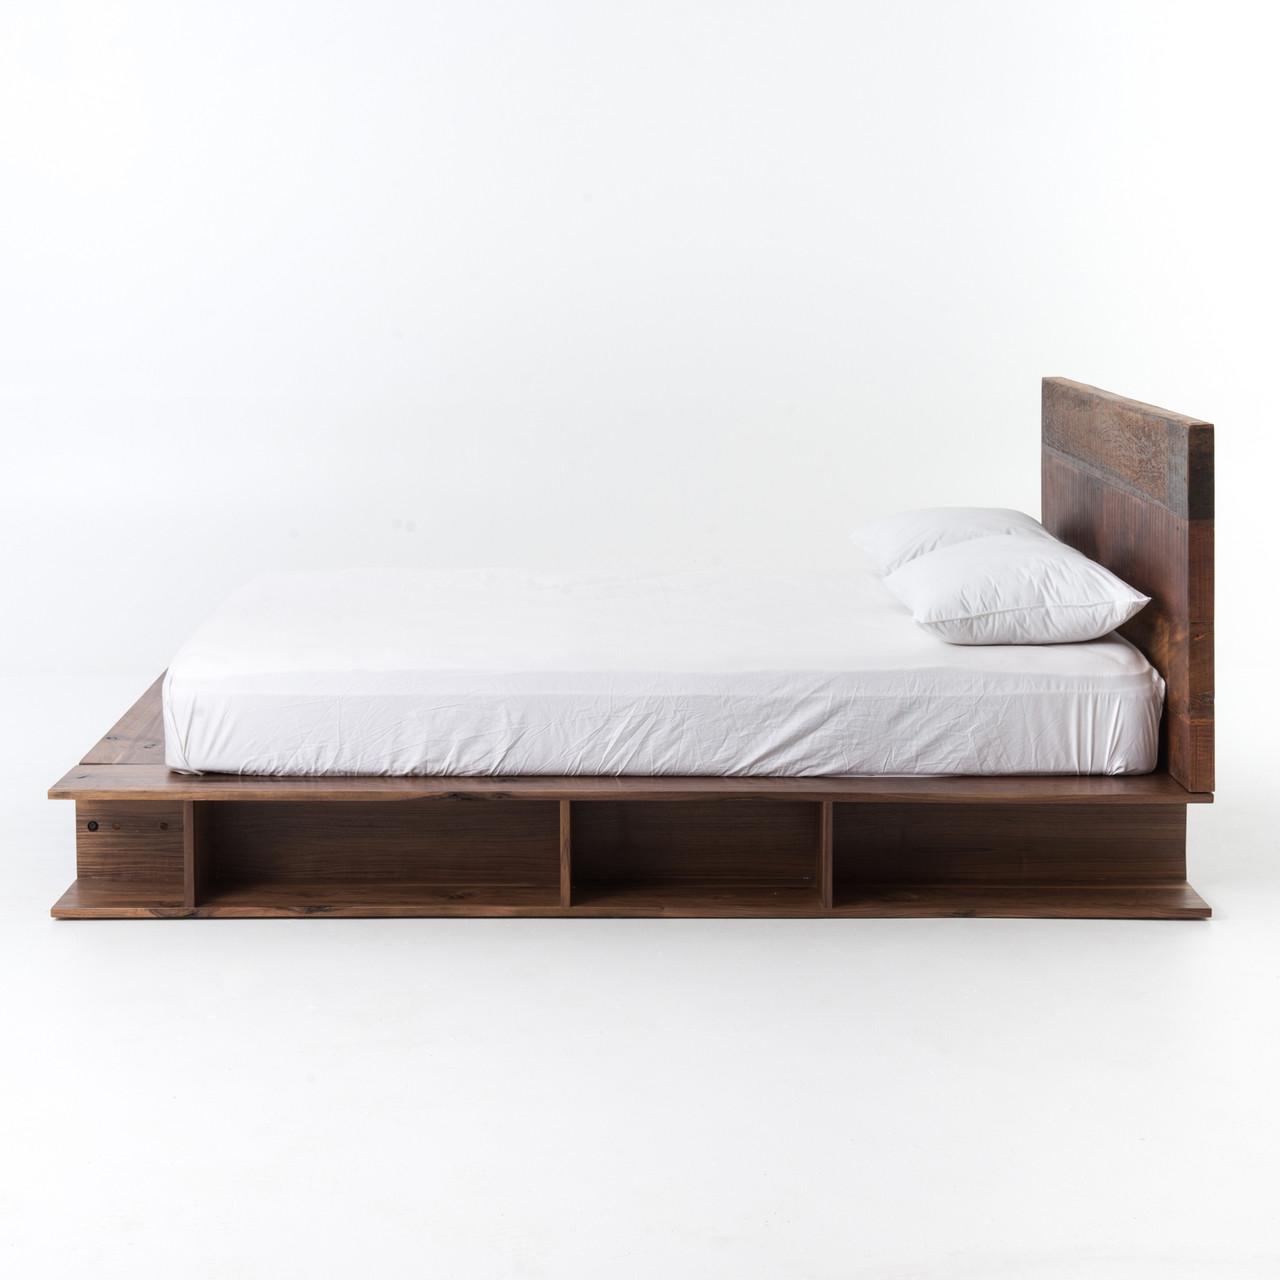 bonnie reclaimed wood king platform bed frame low profile - King Platform Bed Frames